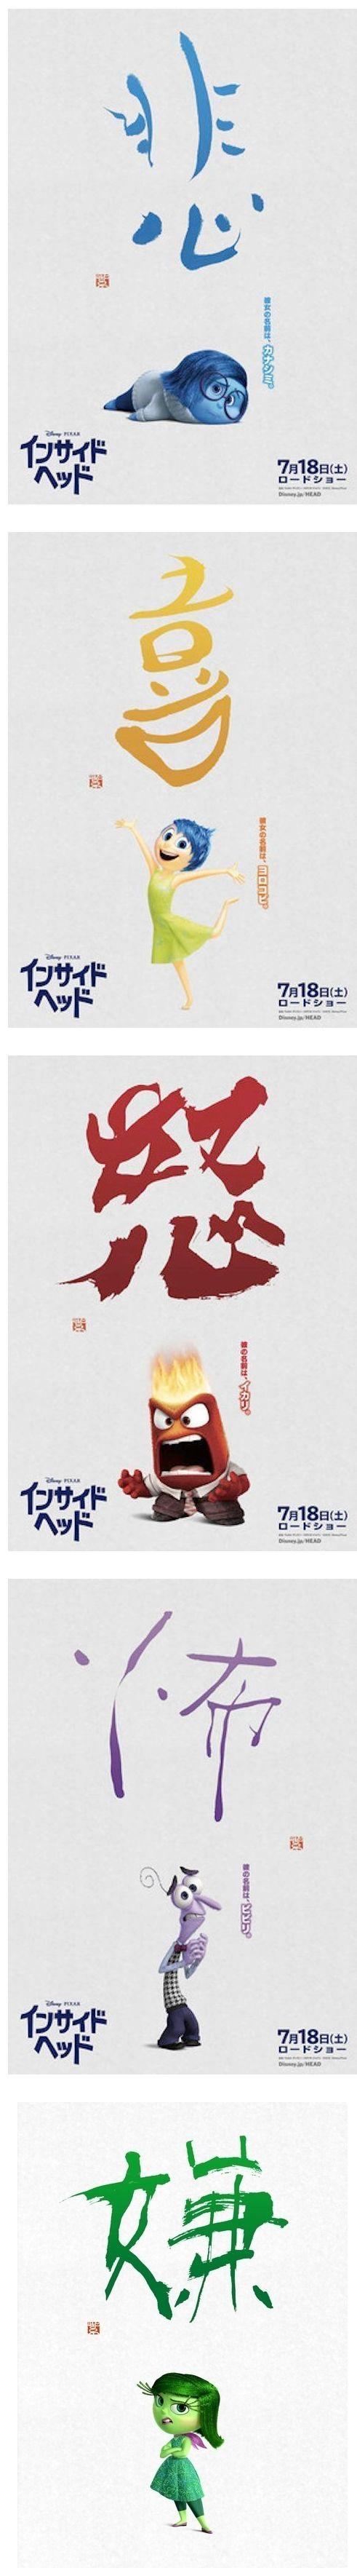 구글 네이버 검색 캘리 인사이드 아웃 일본 포스터